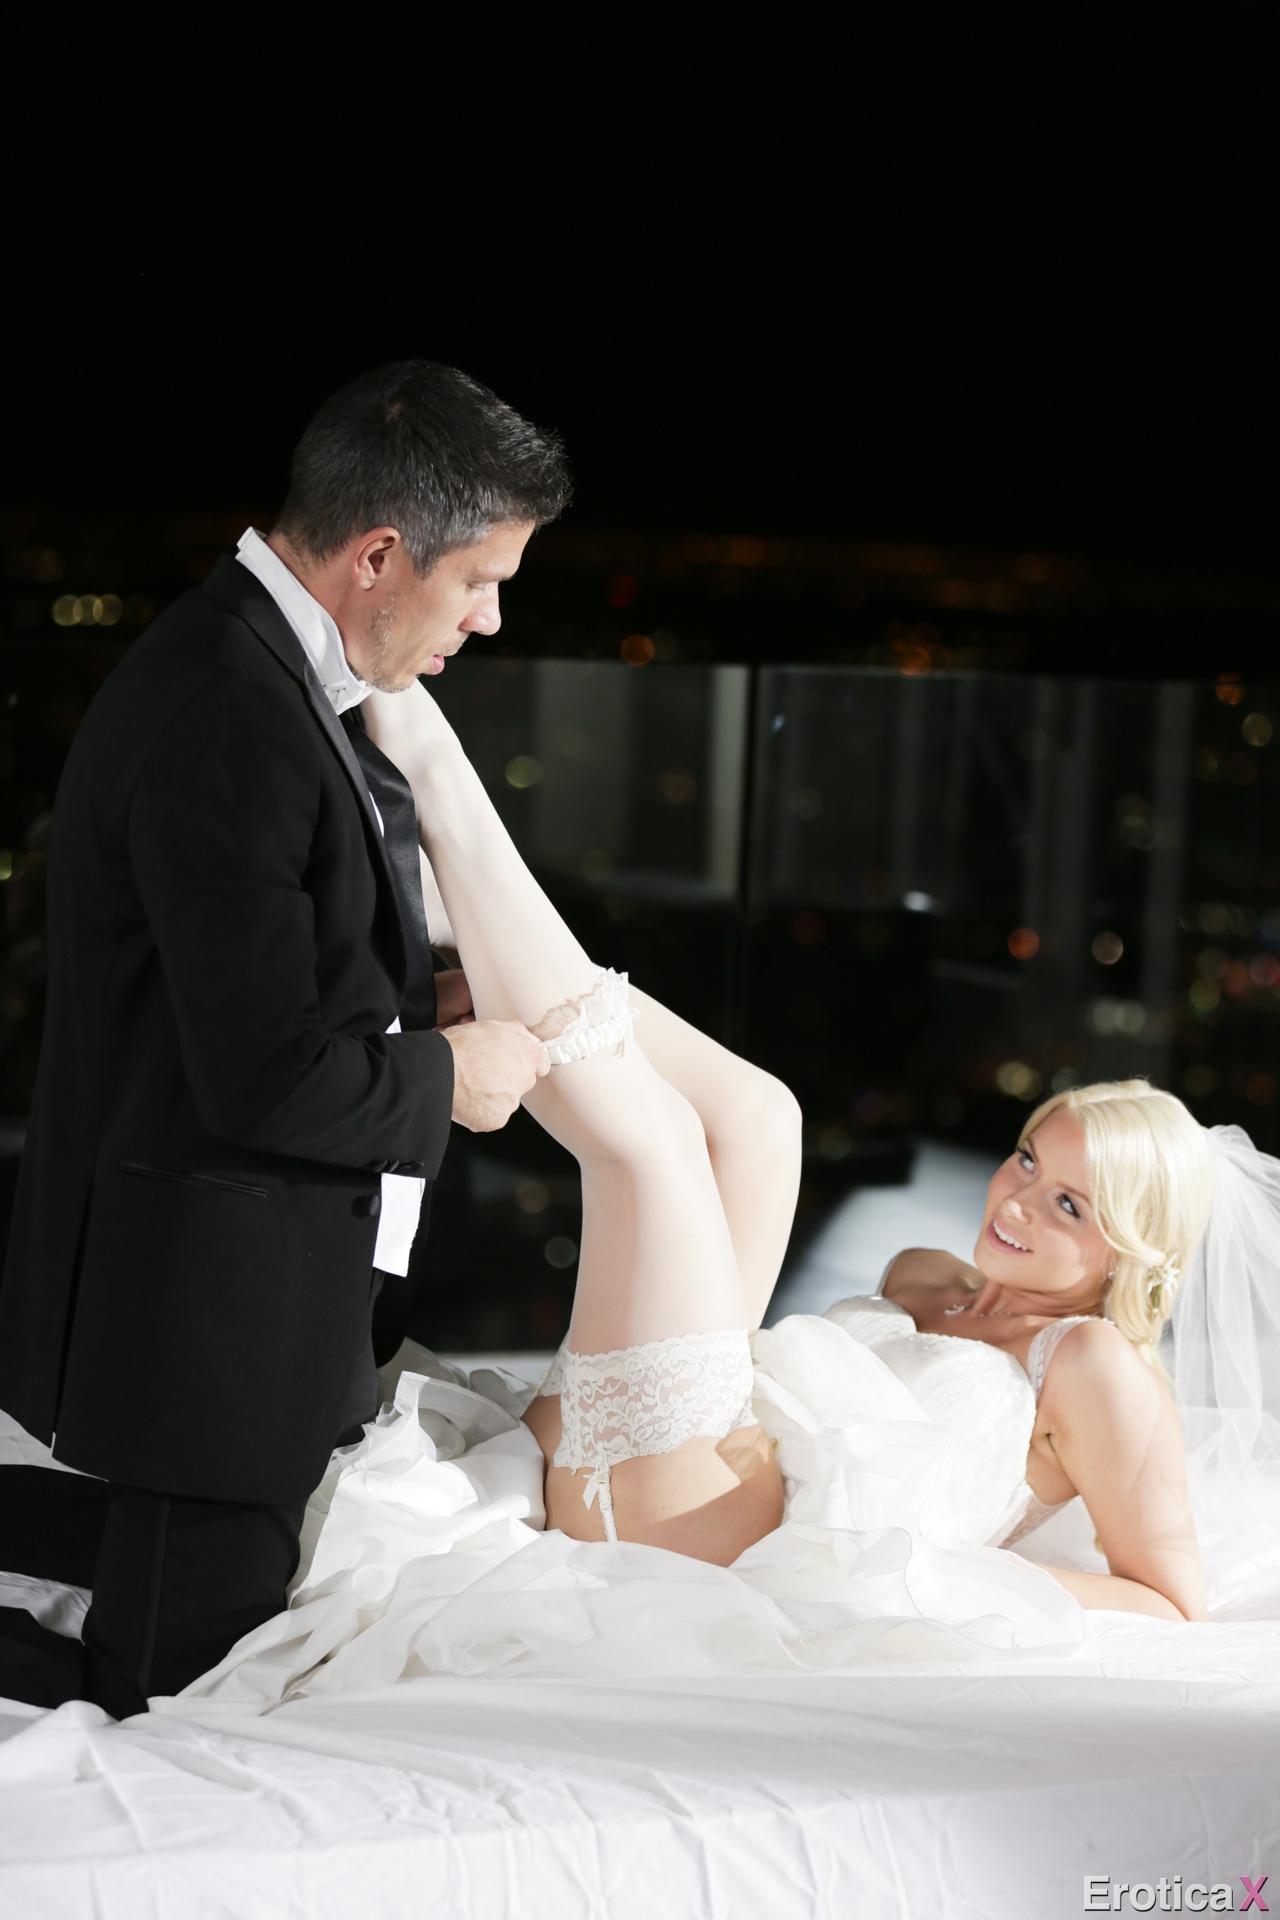 Рассказ о первой брачной ночи 14 фотография